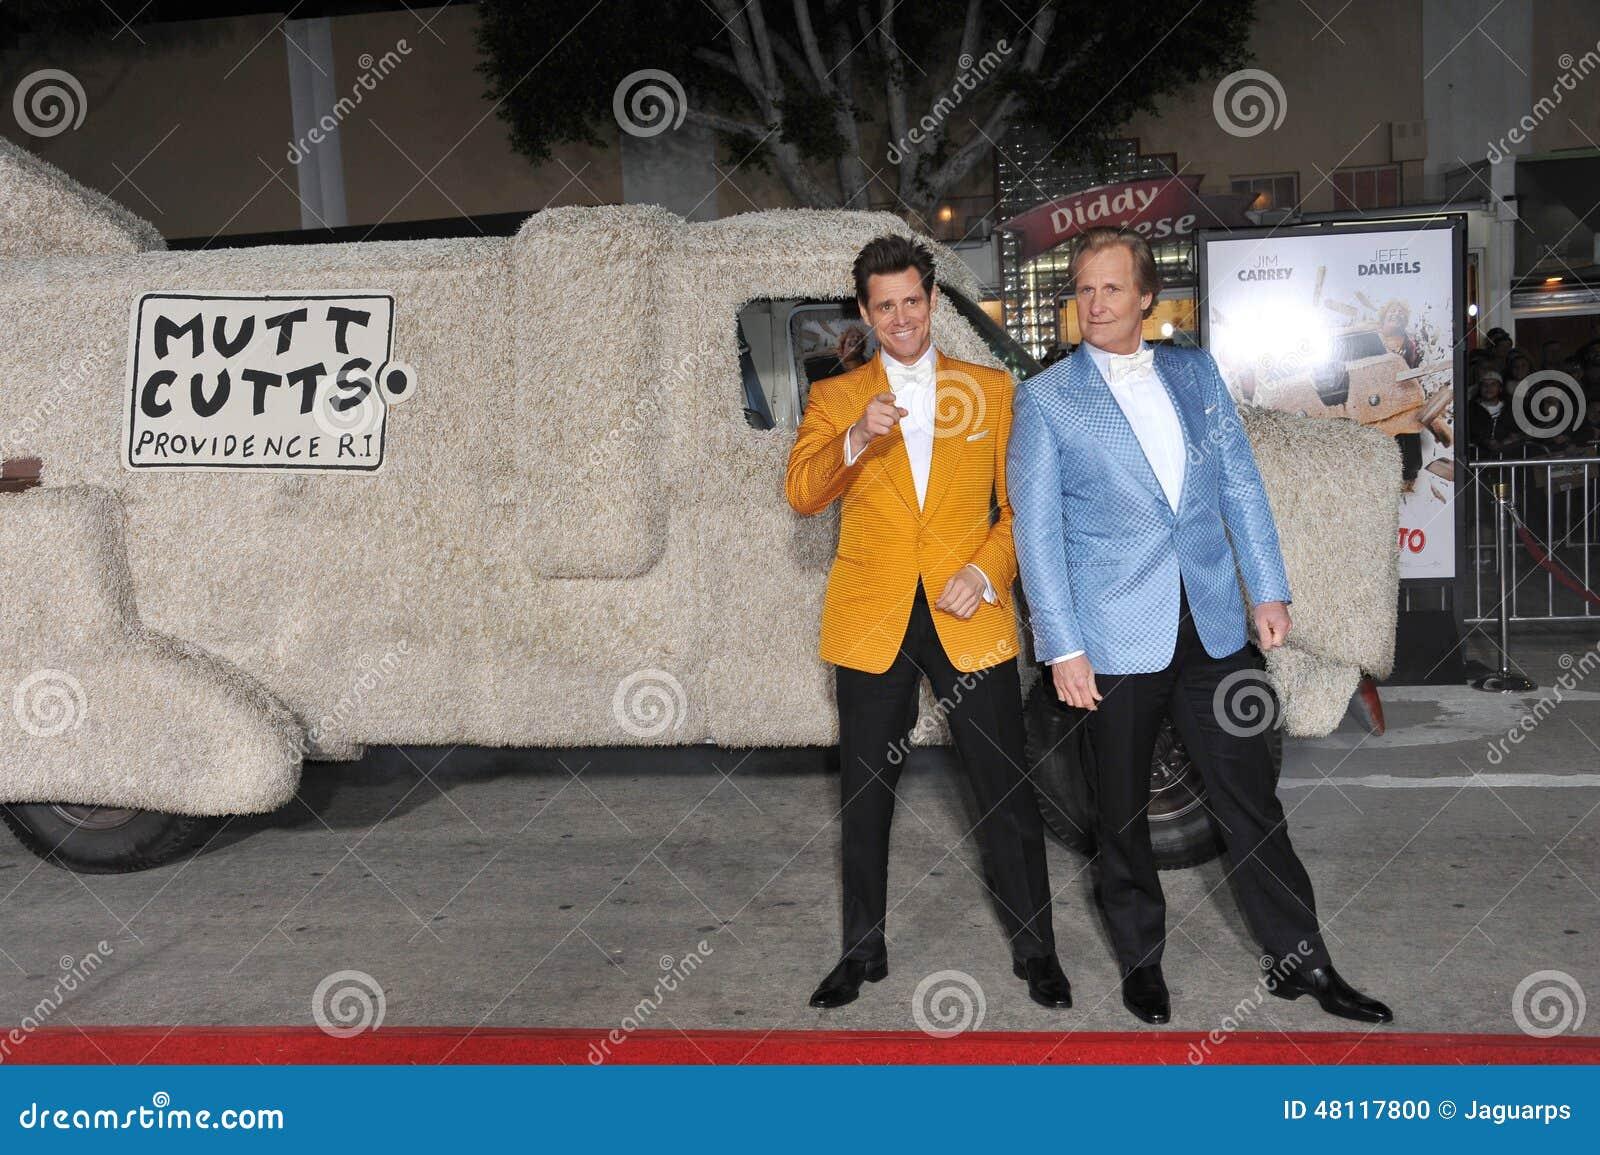 Jim Carrey & Jeff Daniels